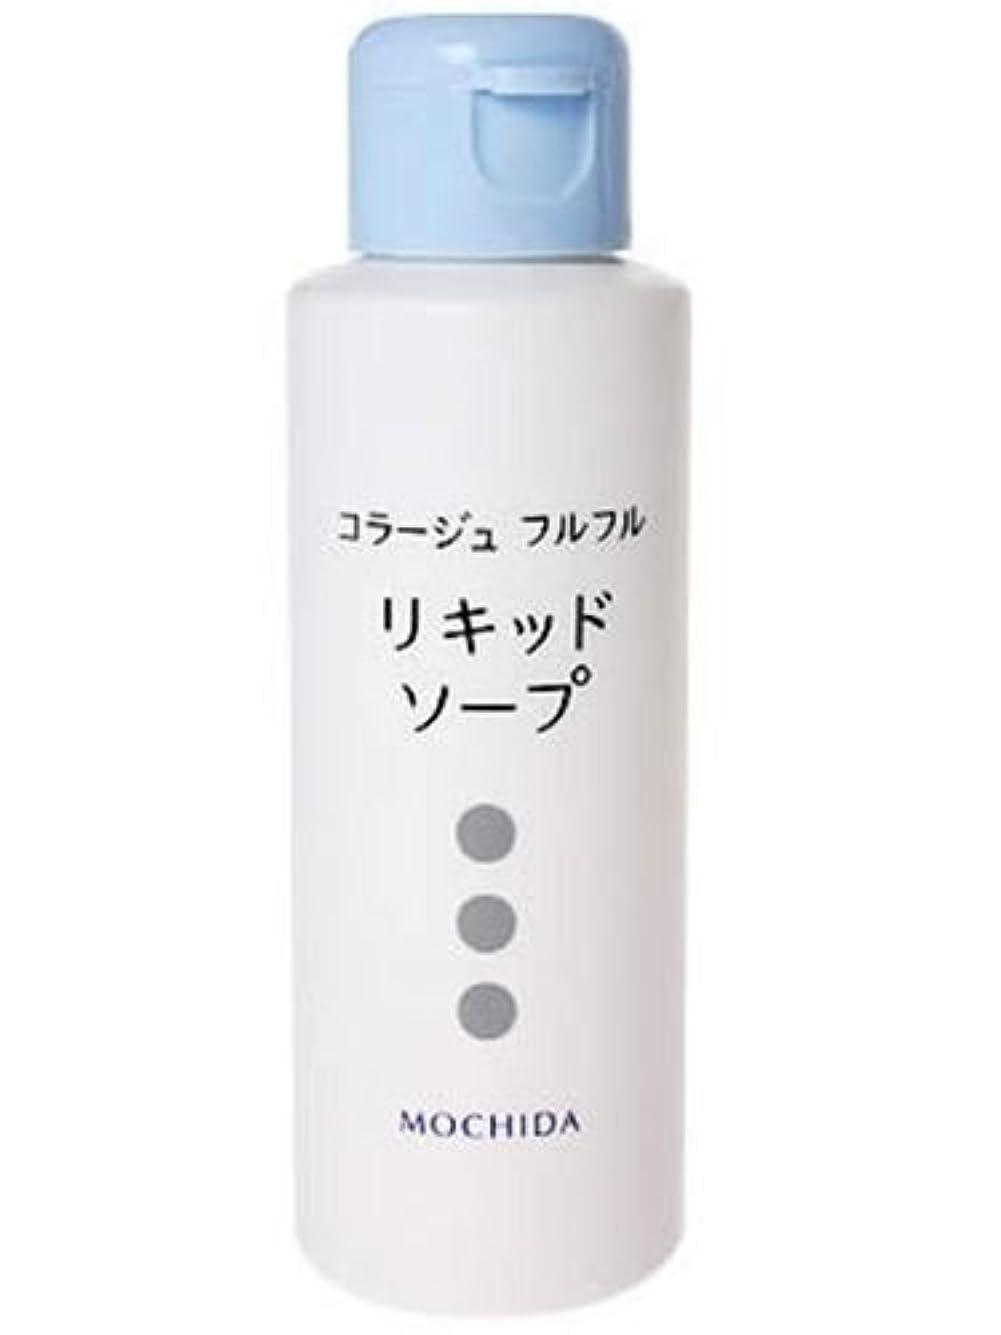 ソケットマーチャンダイザー安全なコラージュフルフル液体石鹸(100ml)